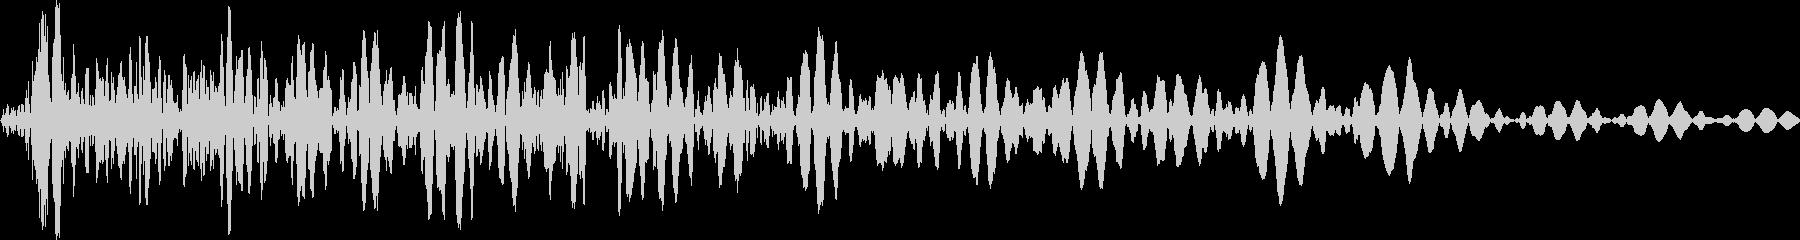 ドウン(ロボット エンジンoff 選択)の未再生の波形